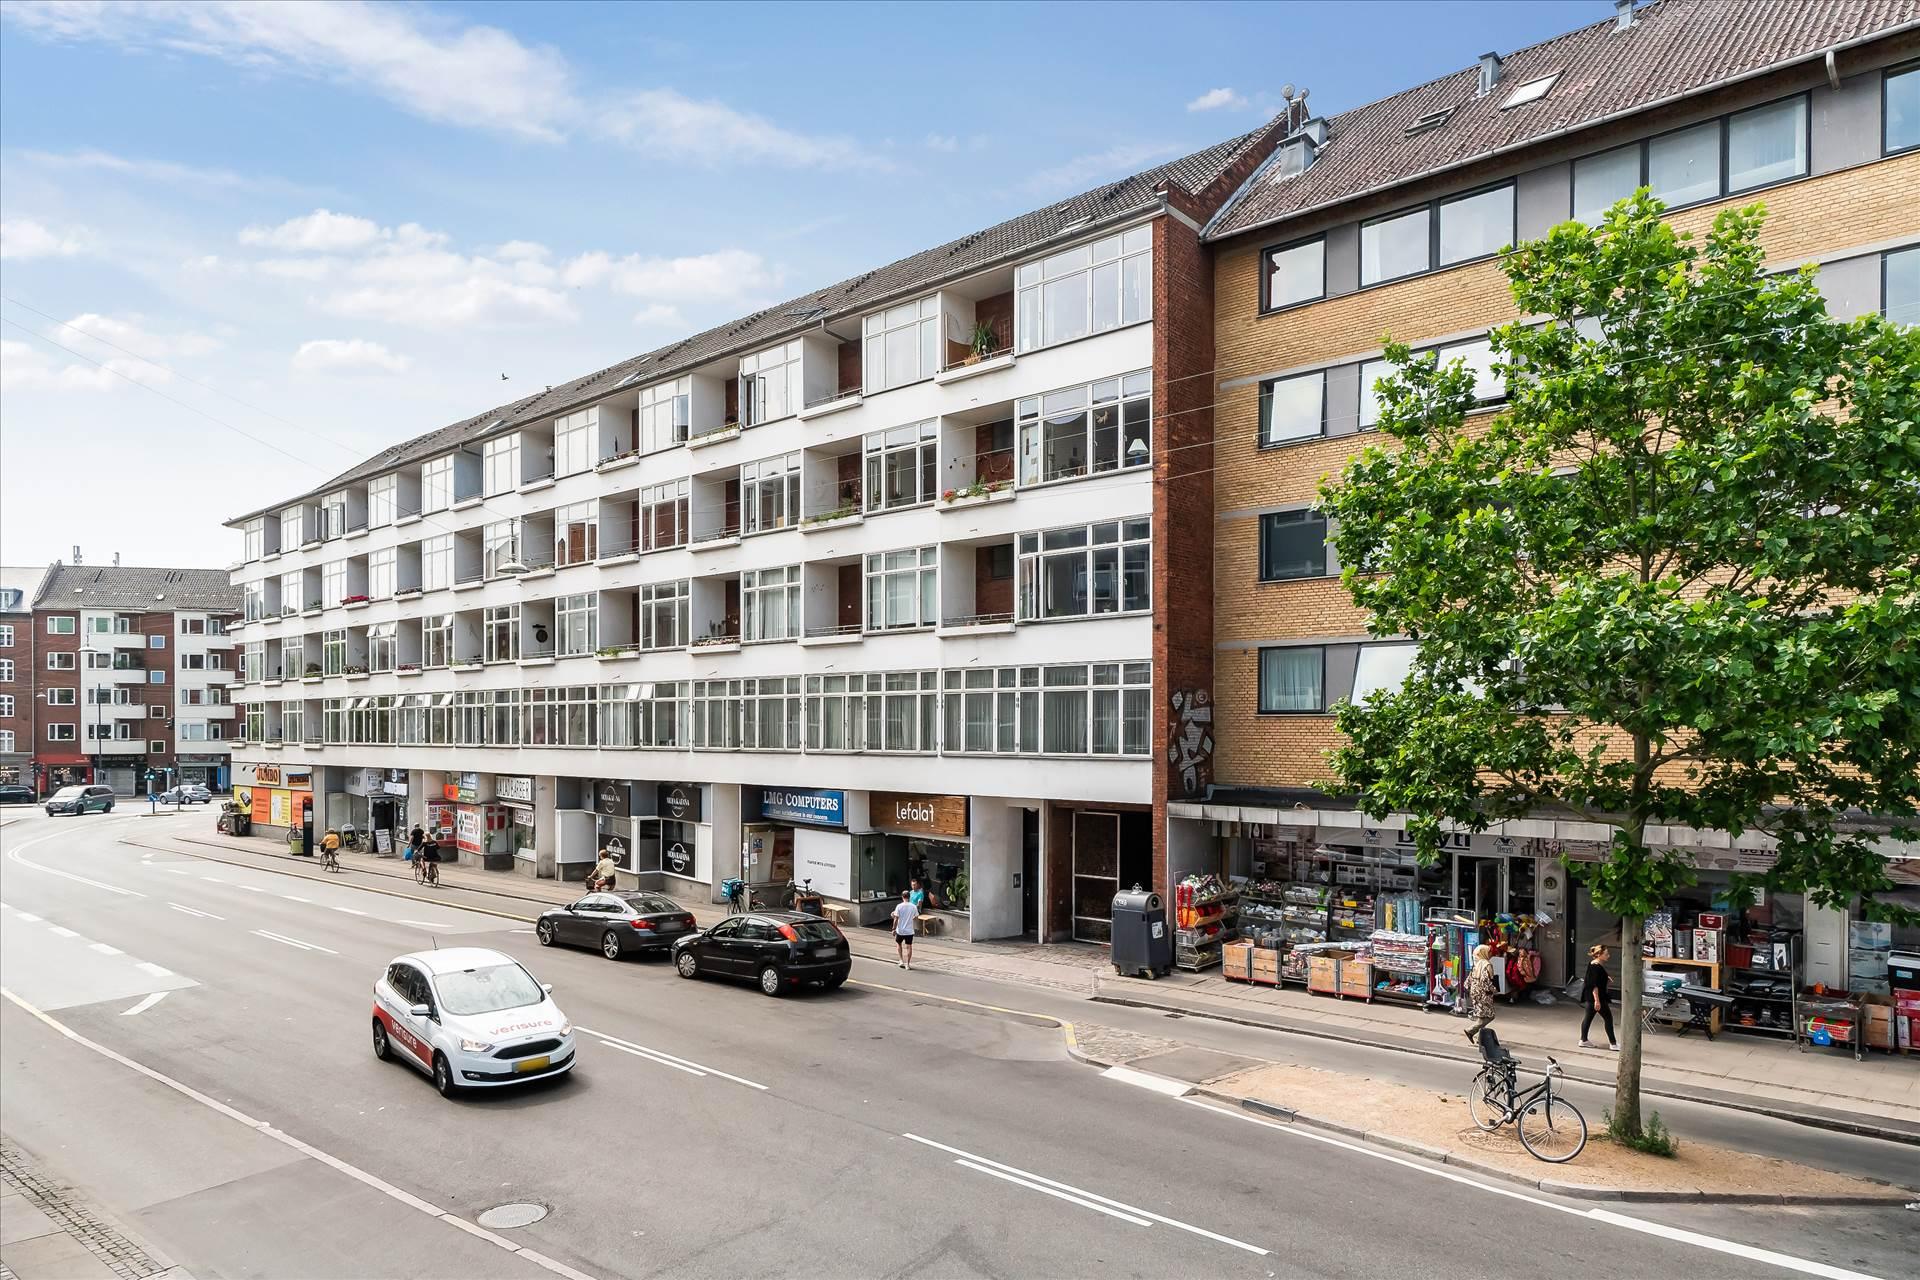 179 m² kontor / klinik • København NV